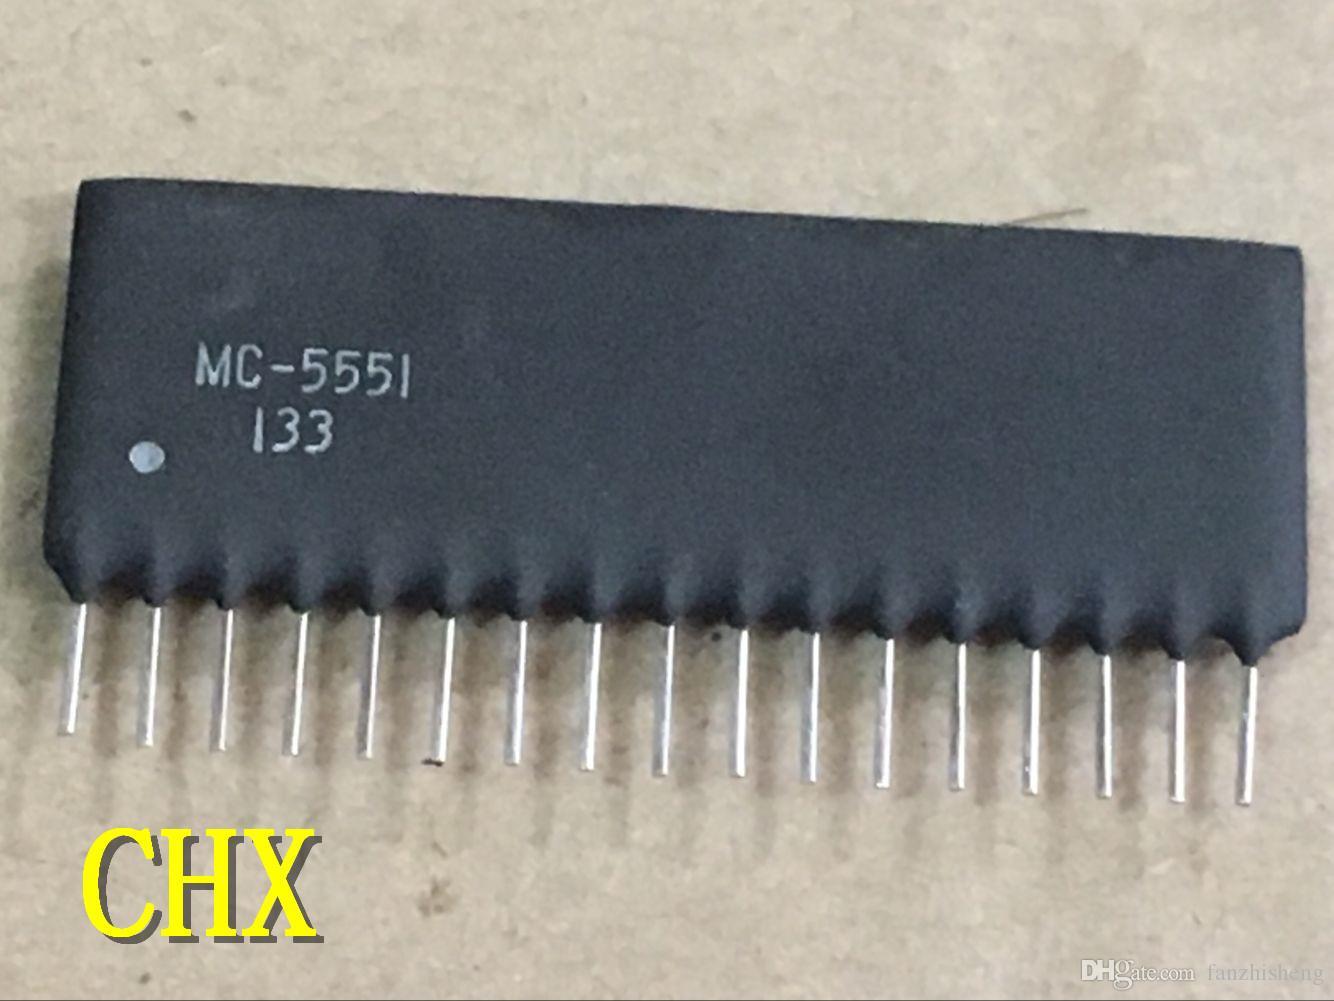 2 / Sztuk IC Nowy i oryginalny SN74HC14N KIA78R12PI TB1032N VIPER22A TDA7263 SK8050S 8050S MC-5551 34992 Zapewnienie jakości Zip-15